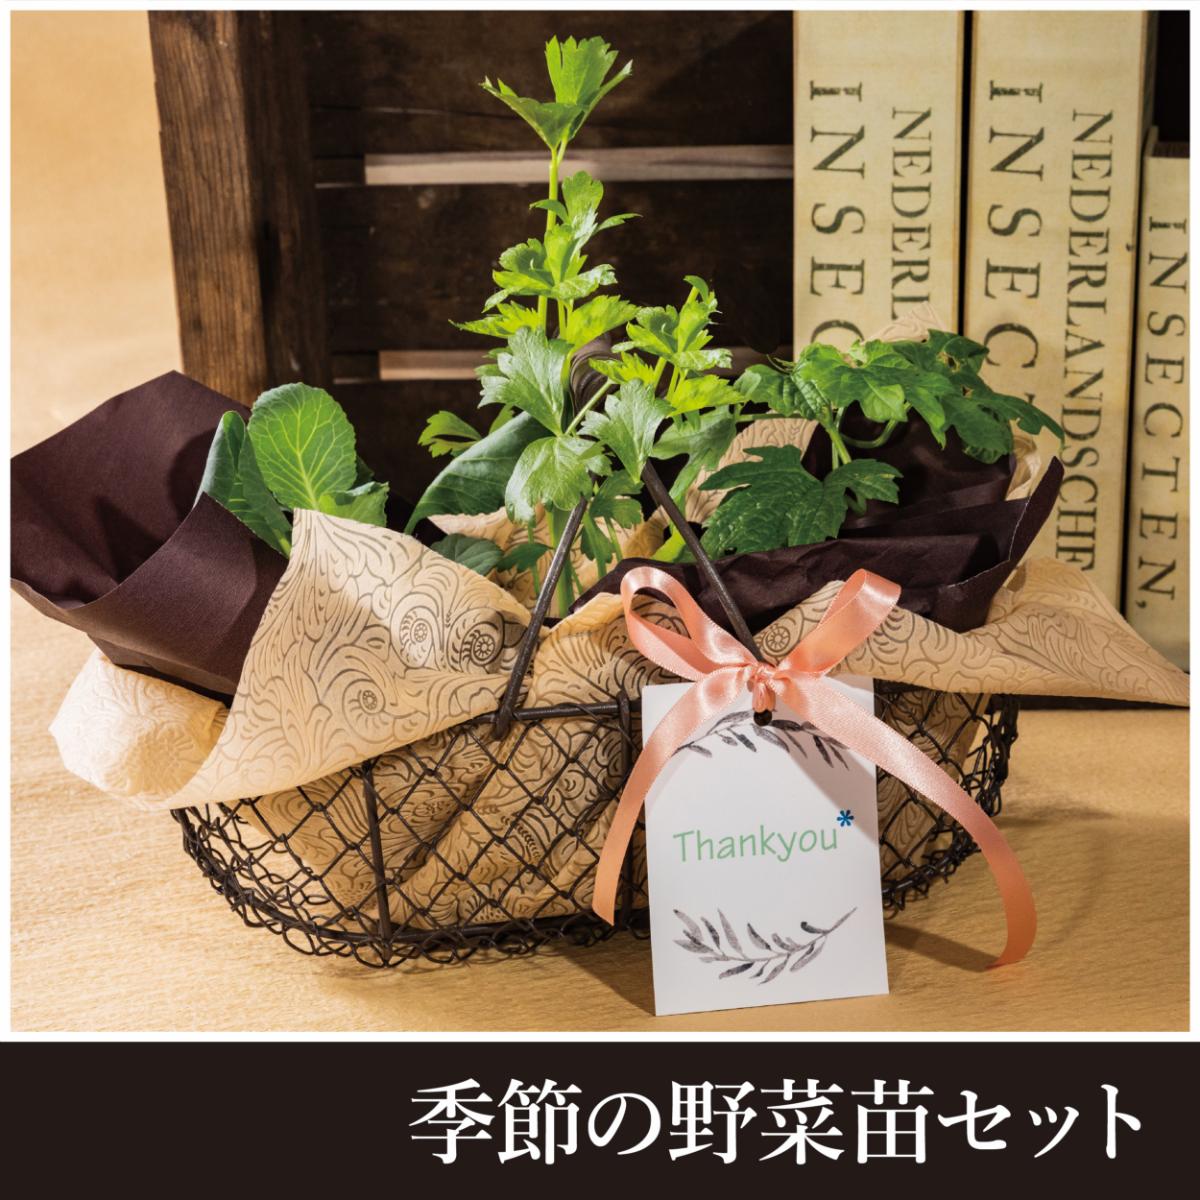 【敬老の日限定販売】季節の野菜苗セット